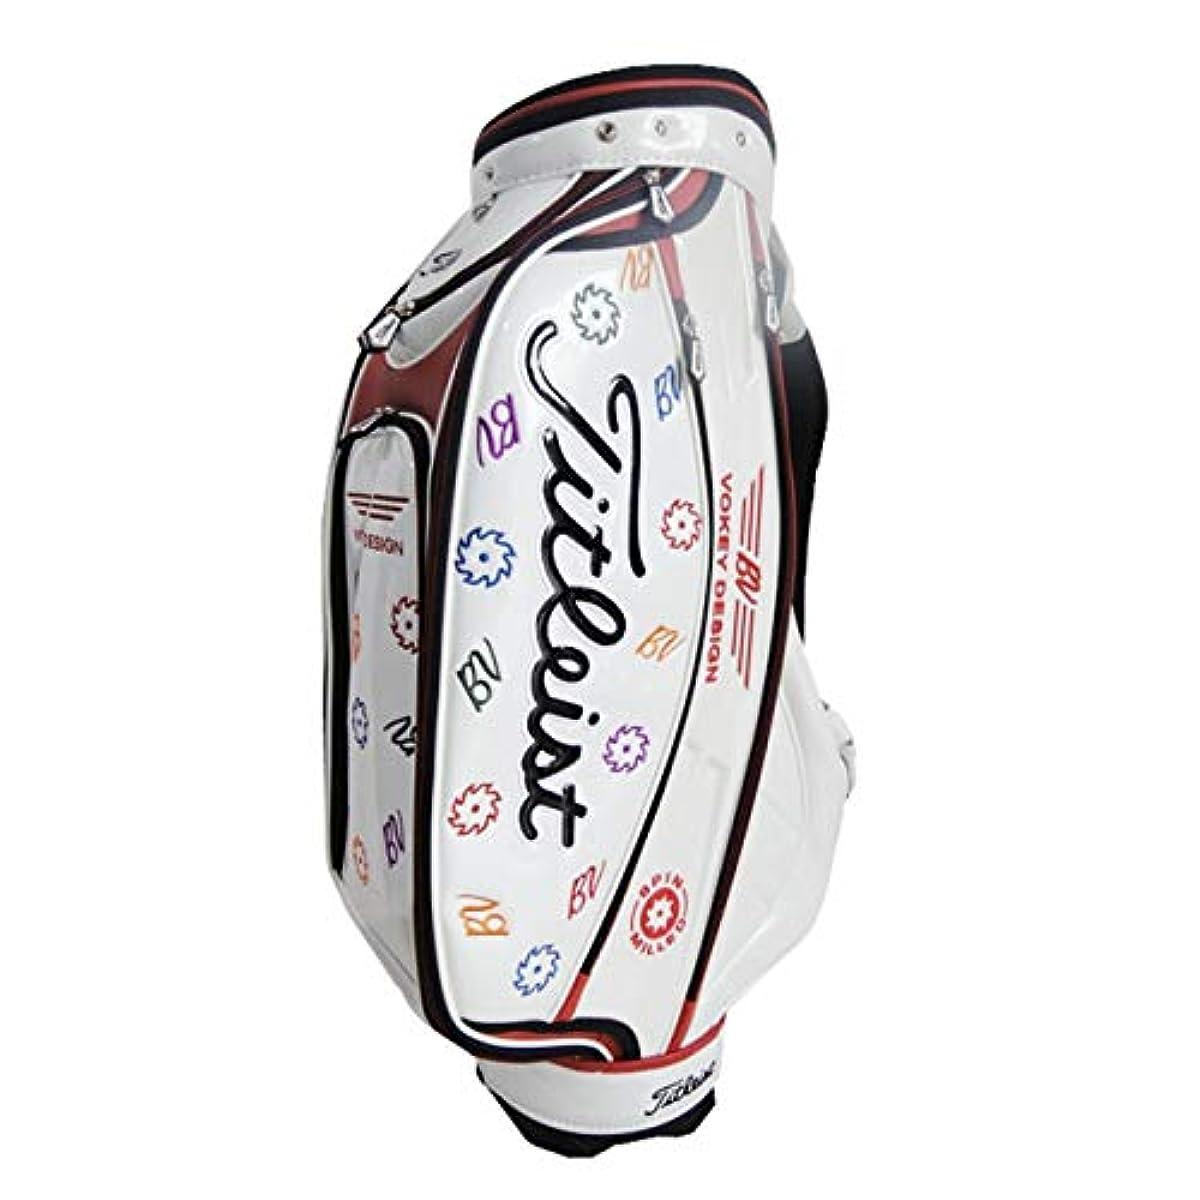 [해외] bow K 캐데이백 PU레져 스포츠 골프 화이트 방수내 마모성 9.5포켓 화이트한정 판매